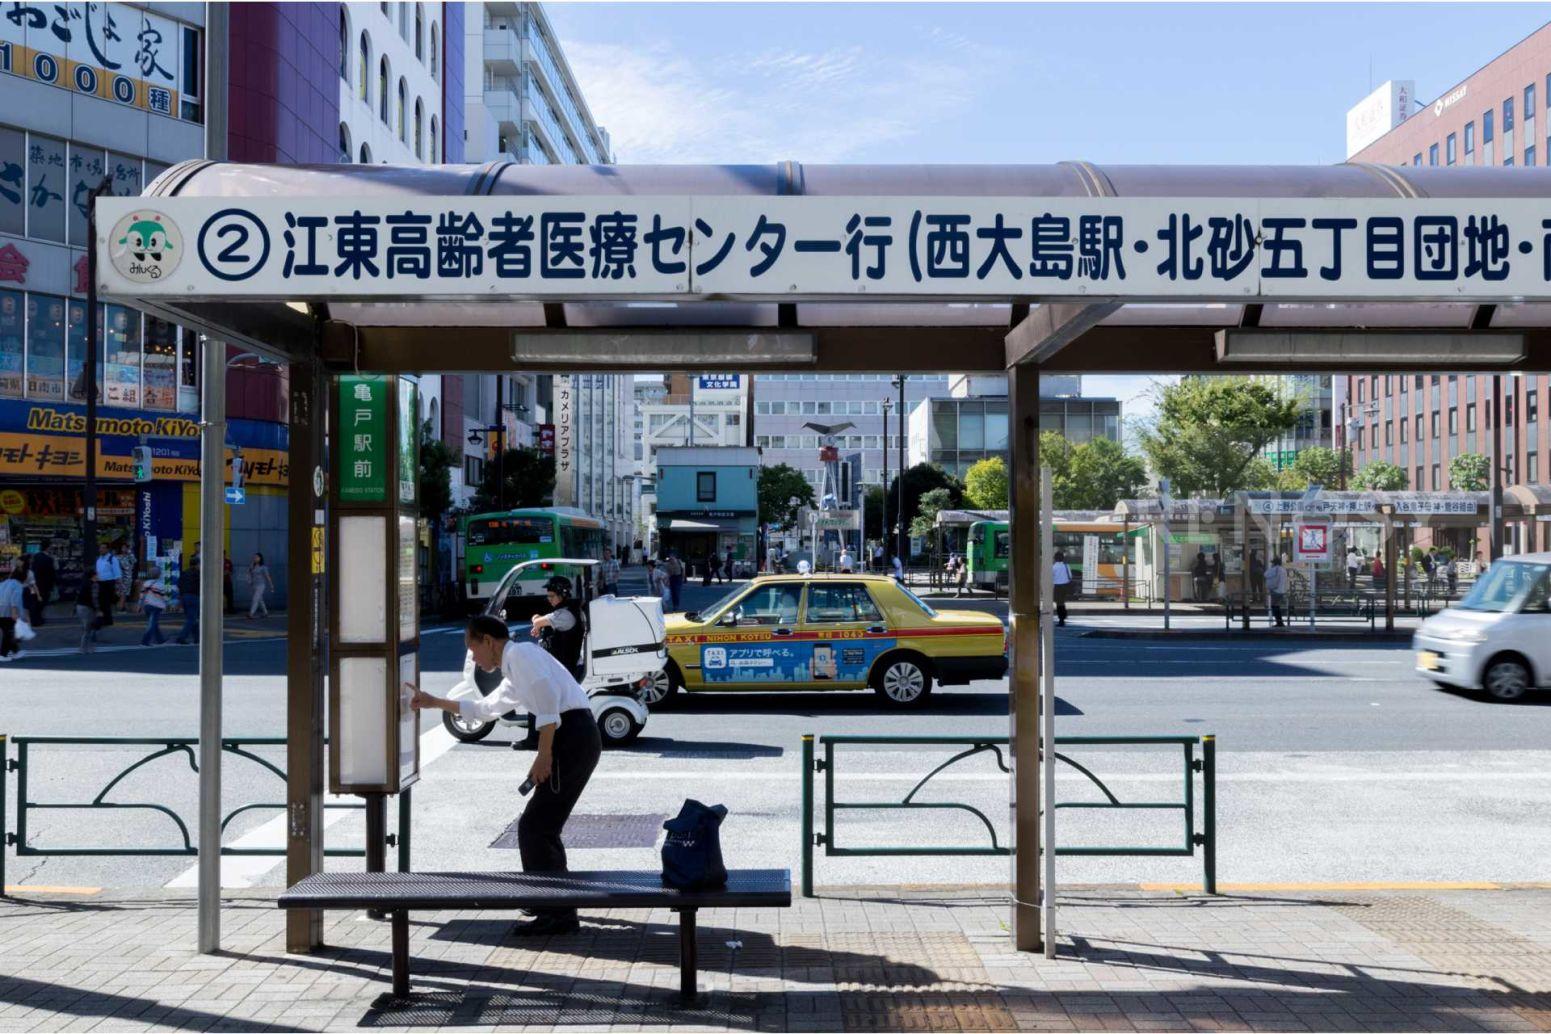 ヴォーガコルテ亀戸駅前